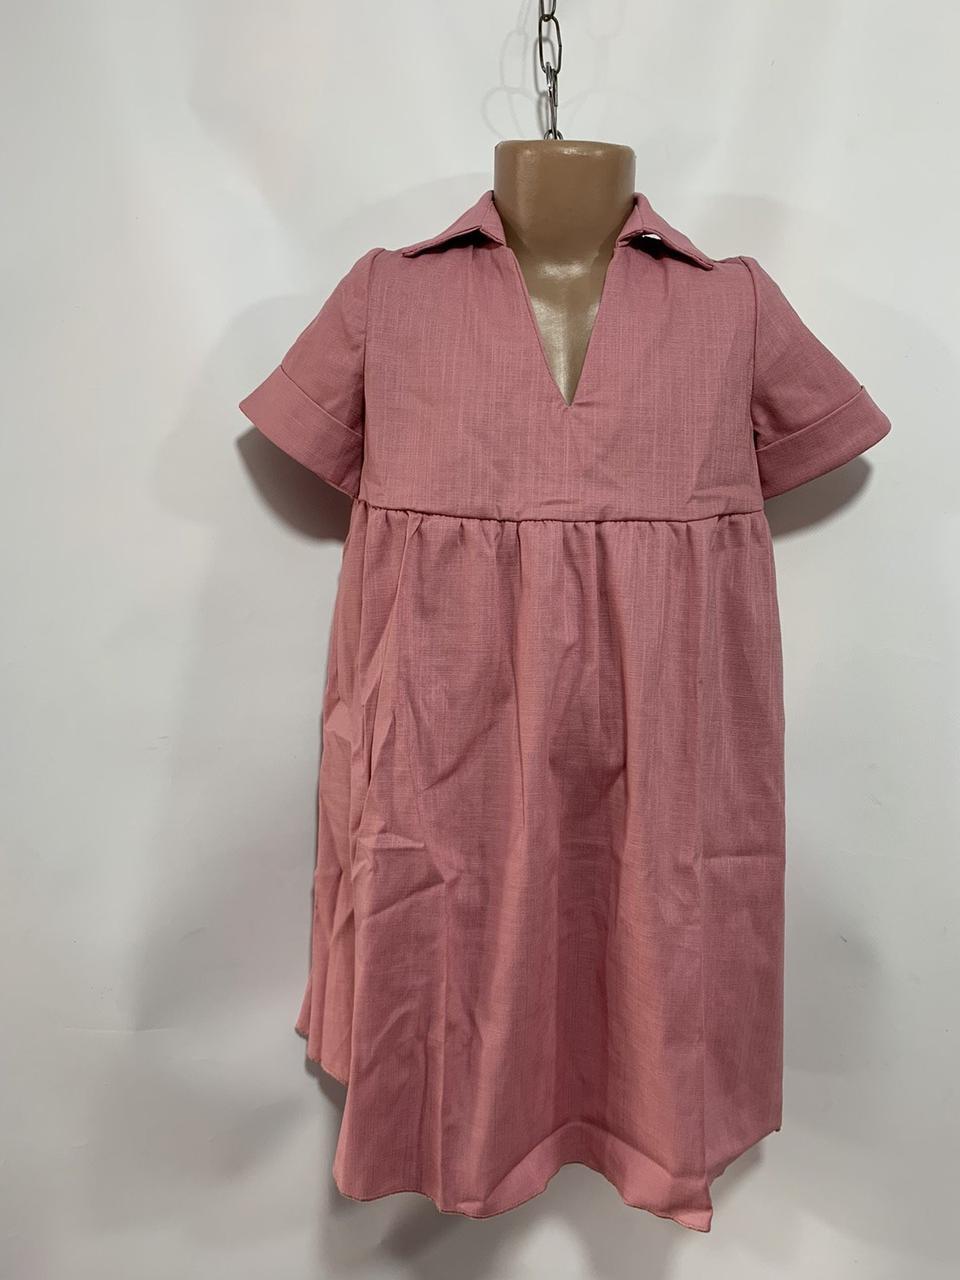 Плаття для дівчинки ошатне в горох р. 122-134 опт